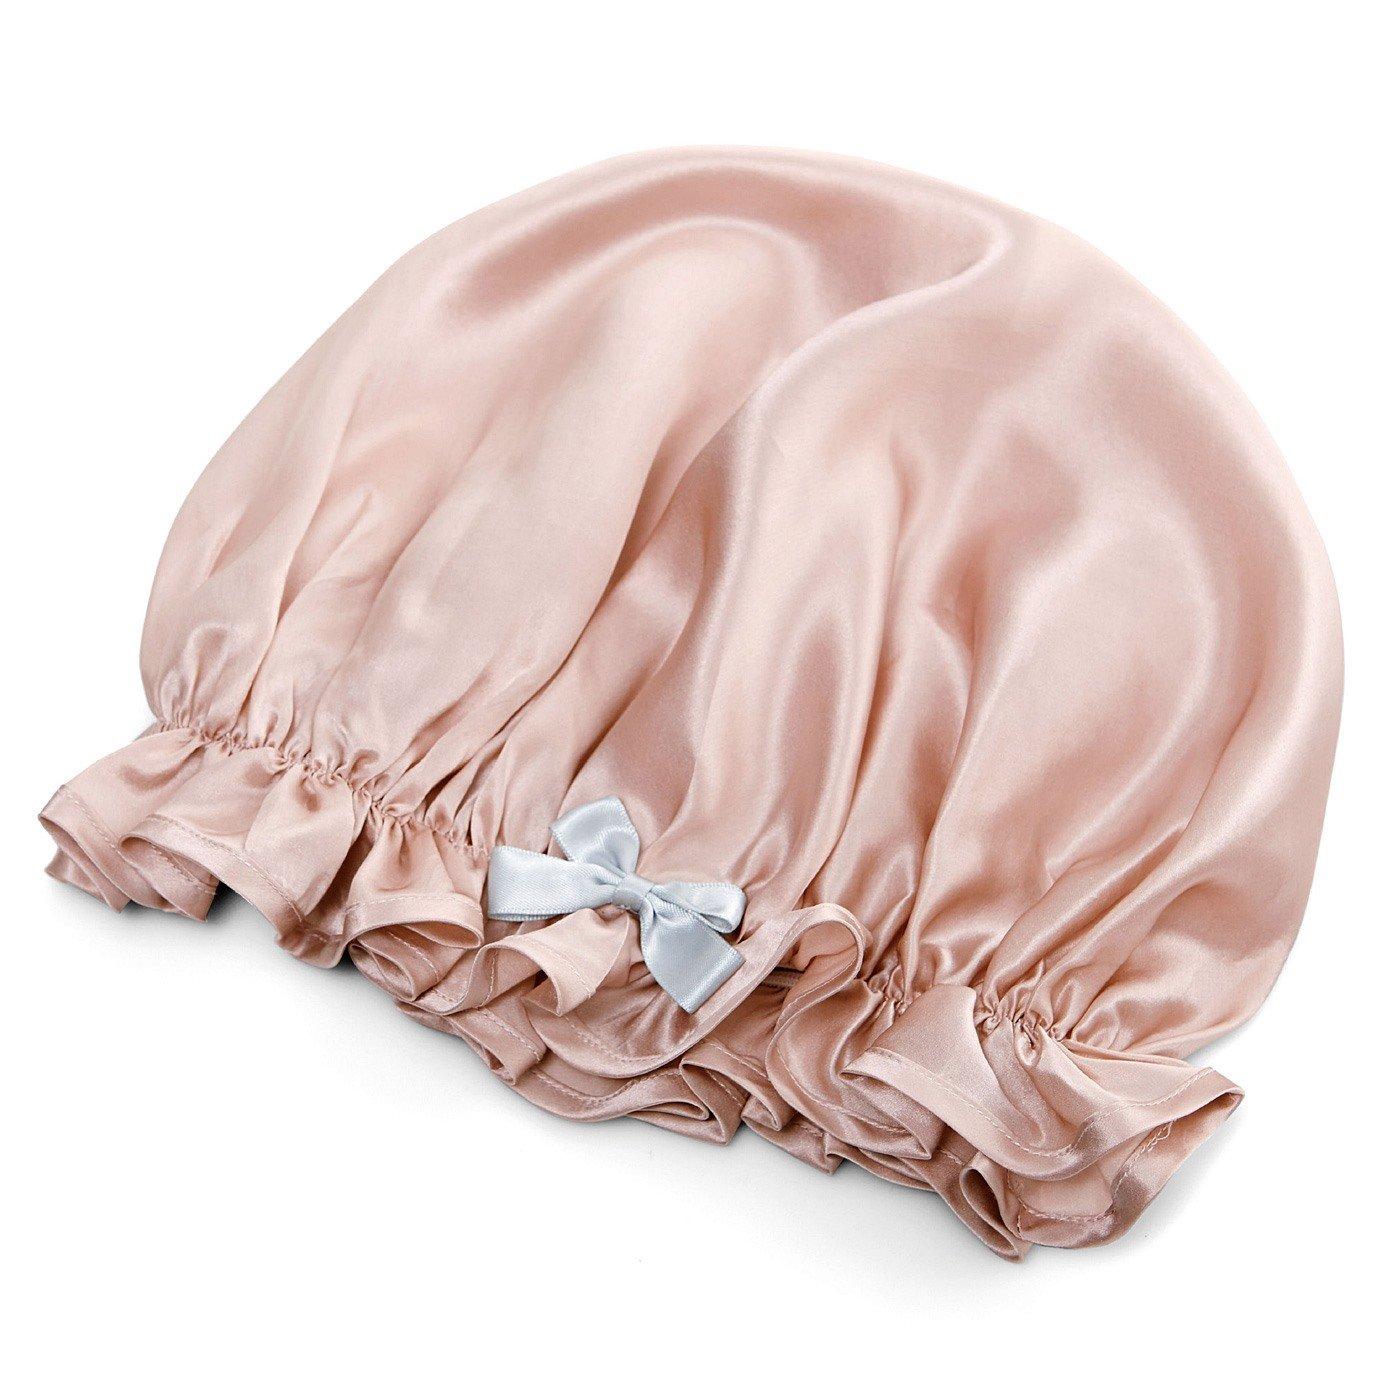 シルクでさらりと髪を包み込む 贅沢(ぜいたく)気分でうっとり ナイトキャップ